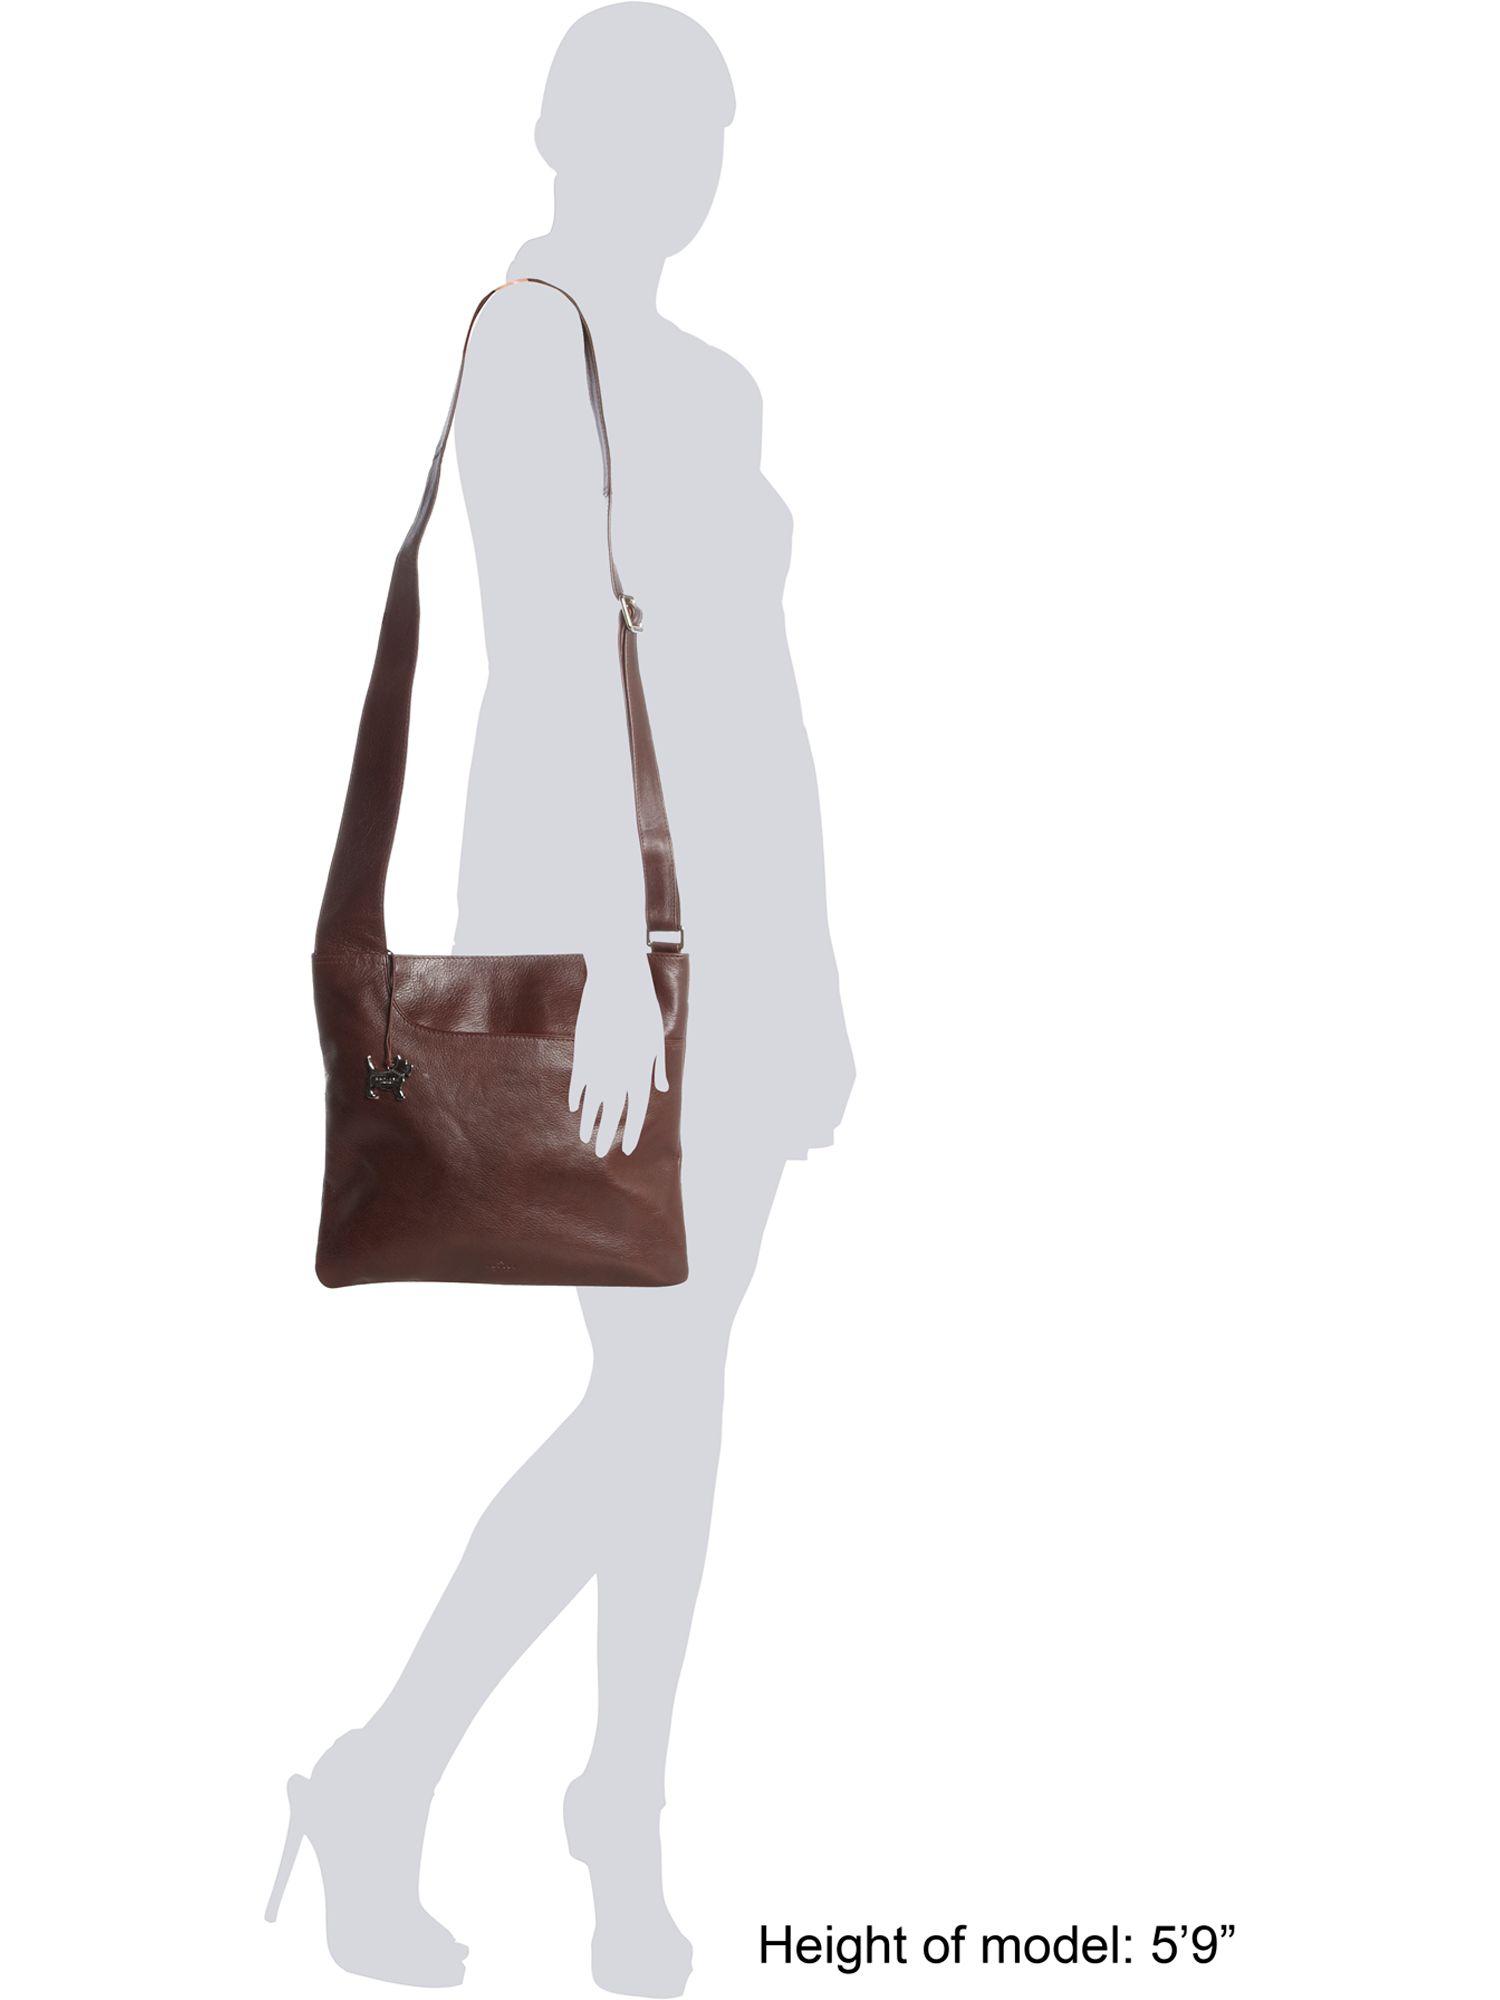 bff3d0f302 Radley Pocket Large Leather Across Body Bag Black - Best Model Bag 2018